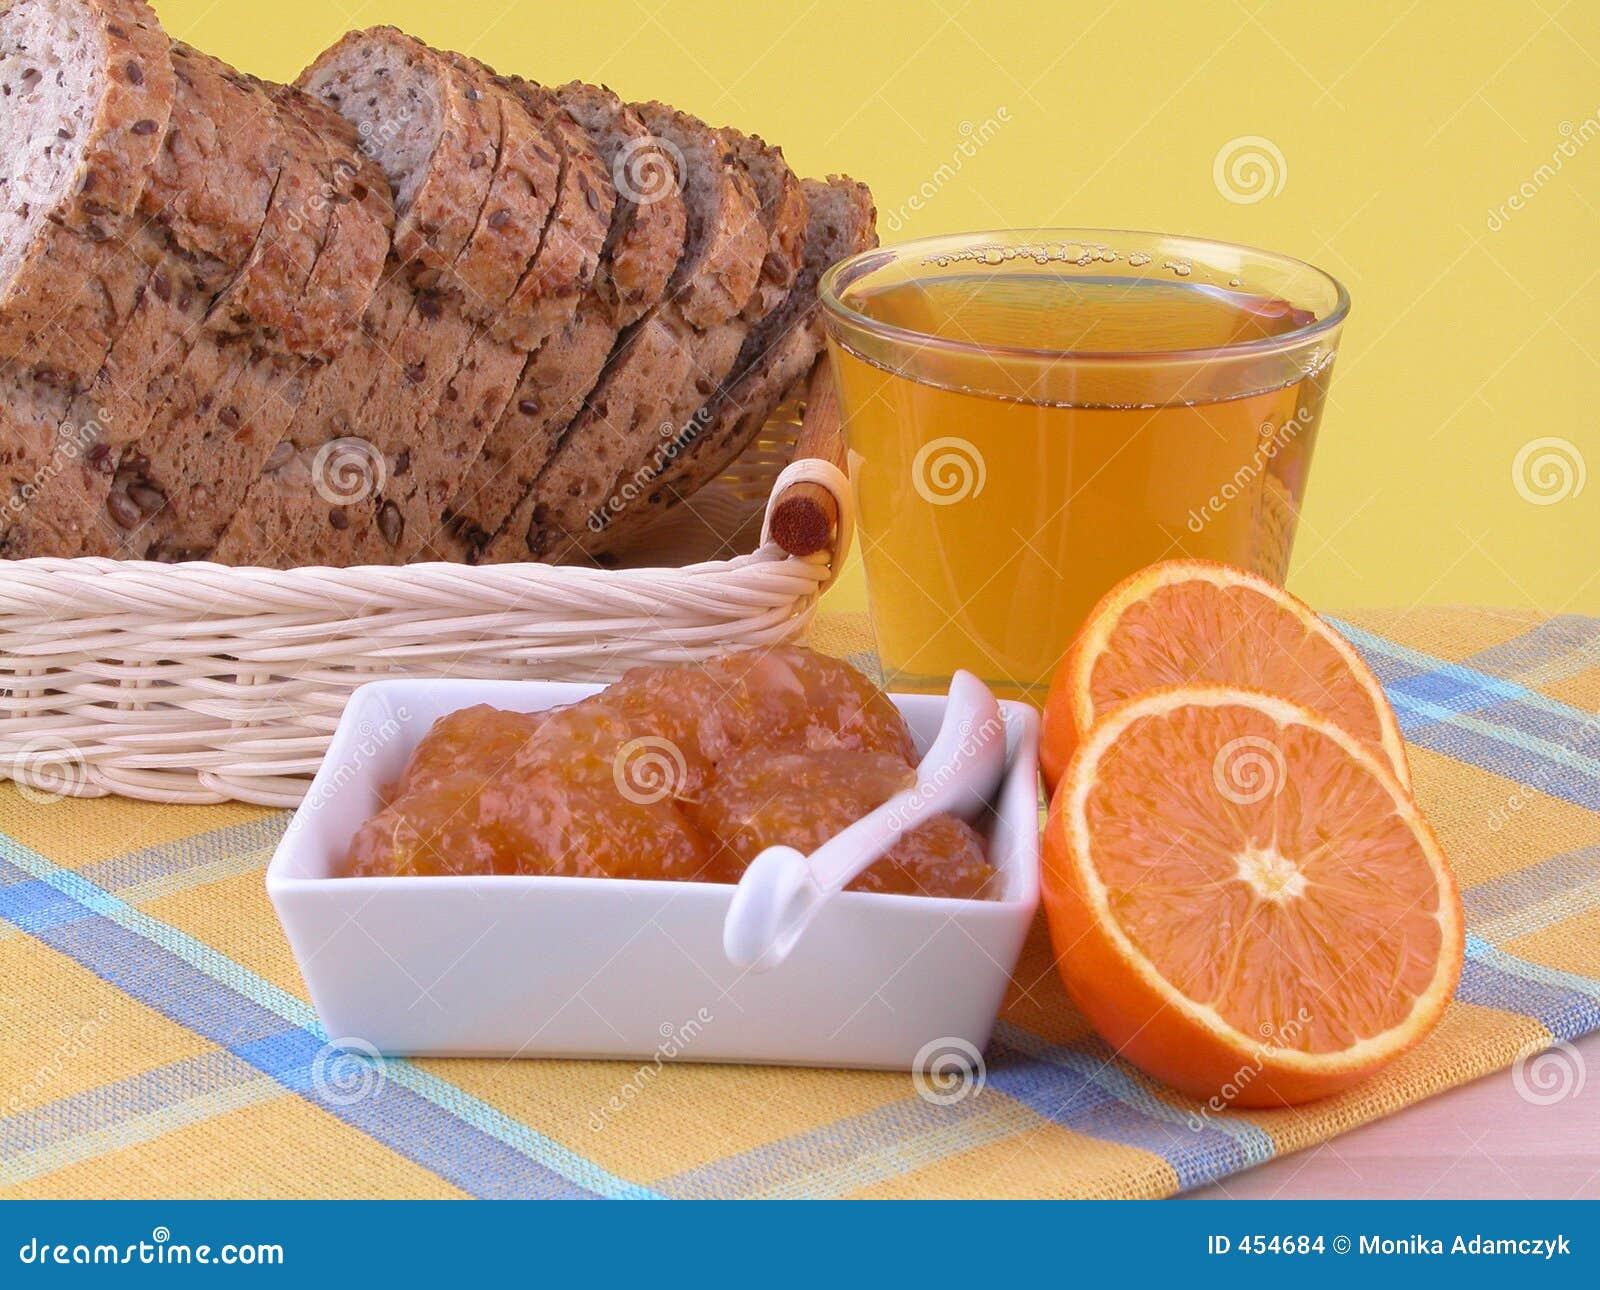 Download Breakfast stock photo. Image of juice, bread, fruit, calorie - 454684